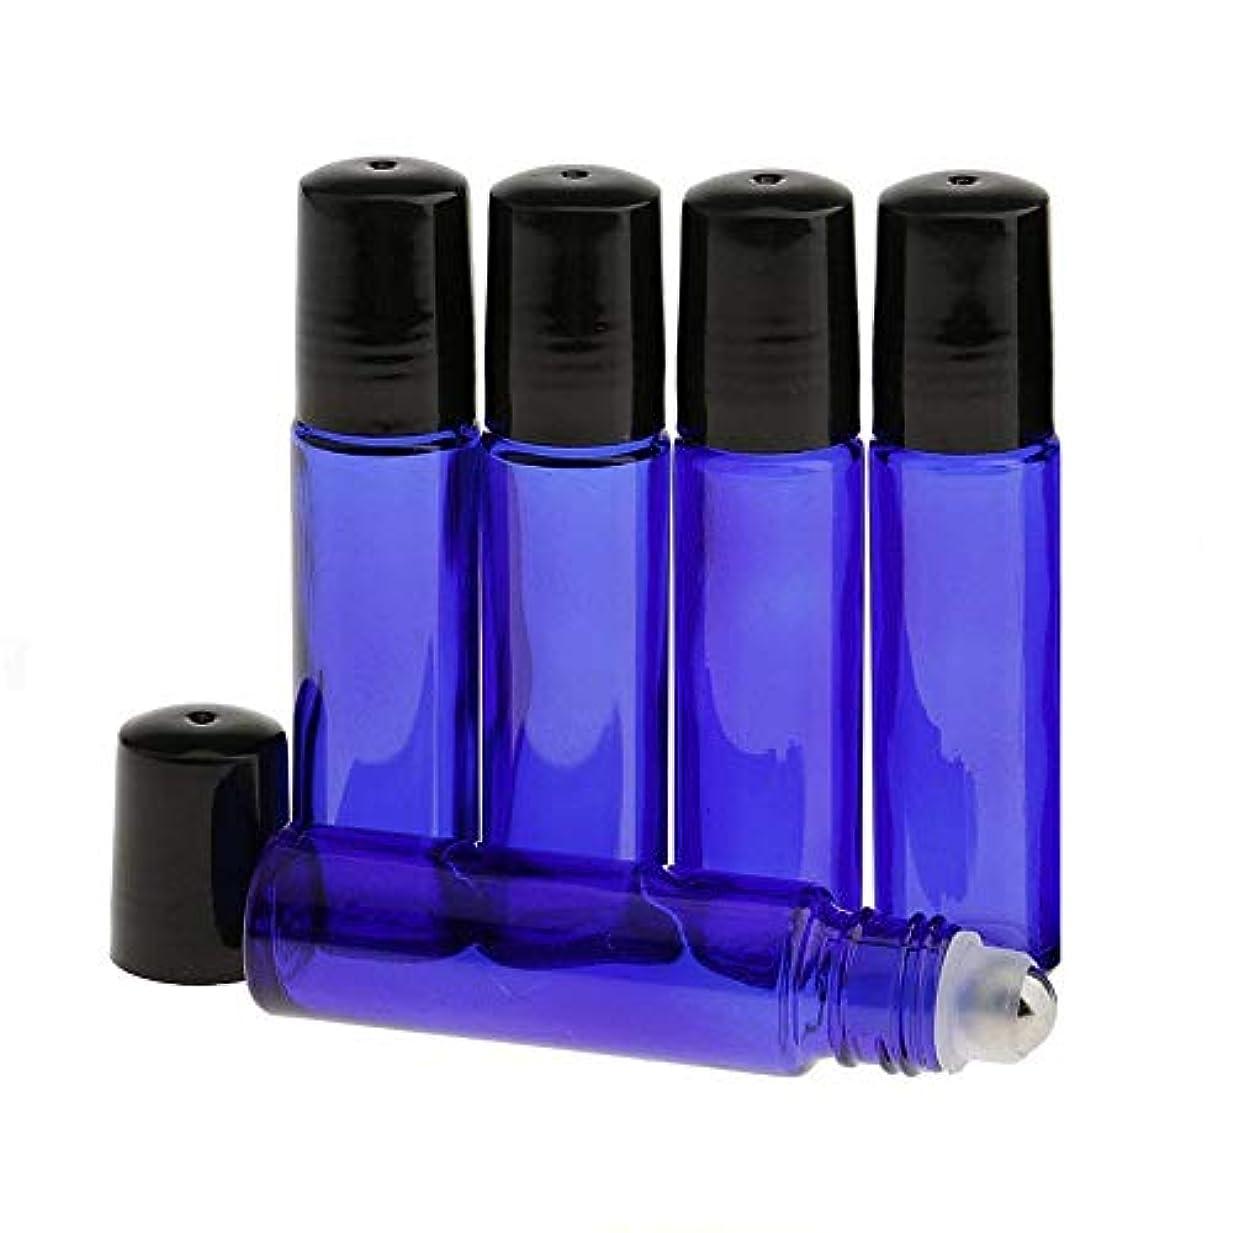 クラウドブラウザ血まみれHongsheng ロールオンボトル 5本セット 10ml 遮光瓶 ガラスロールタイプ アロマオイル 香水 虫よけ 詰替え ブルー